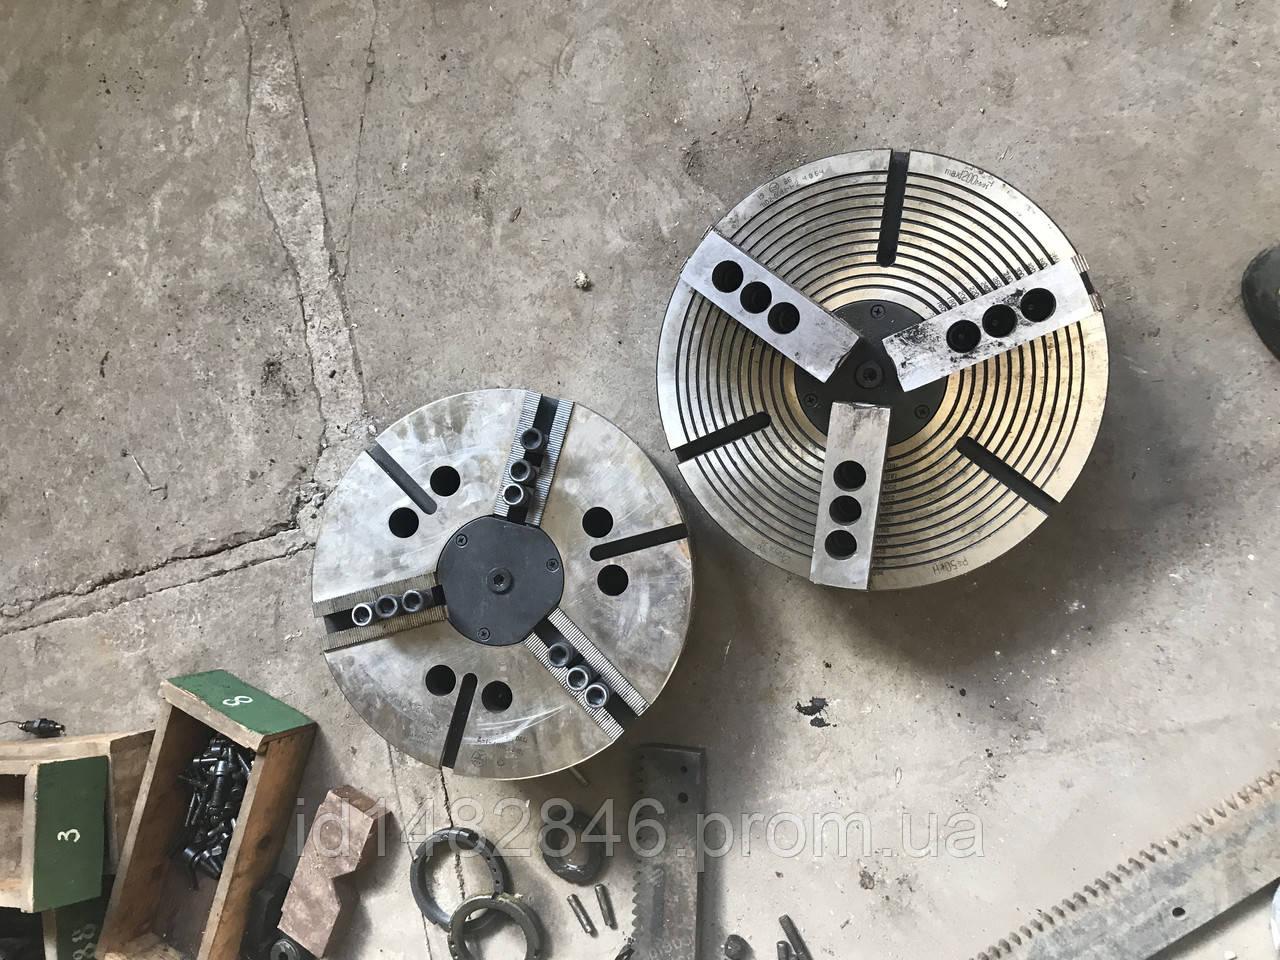 Патрон токарный механизированный пневмозажим D400 7102-0087-1-2